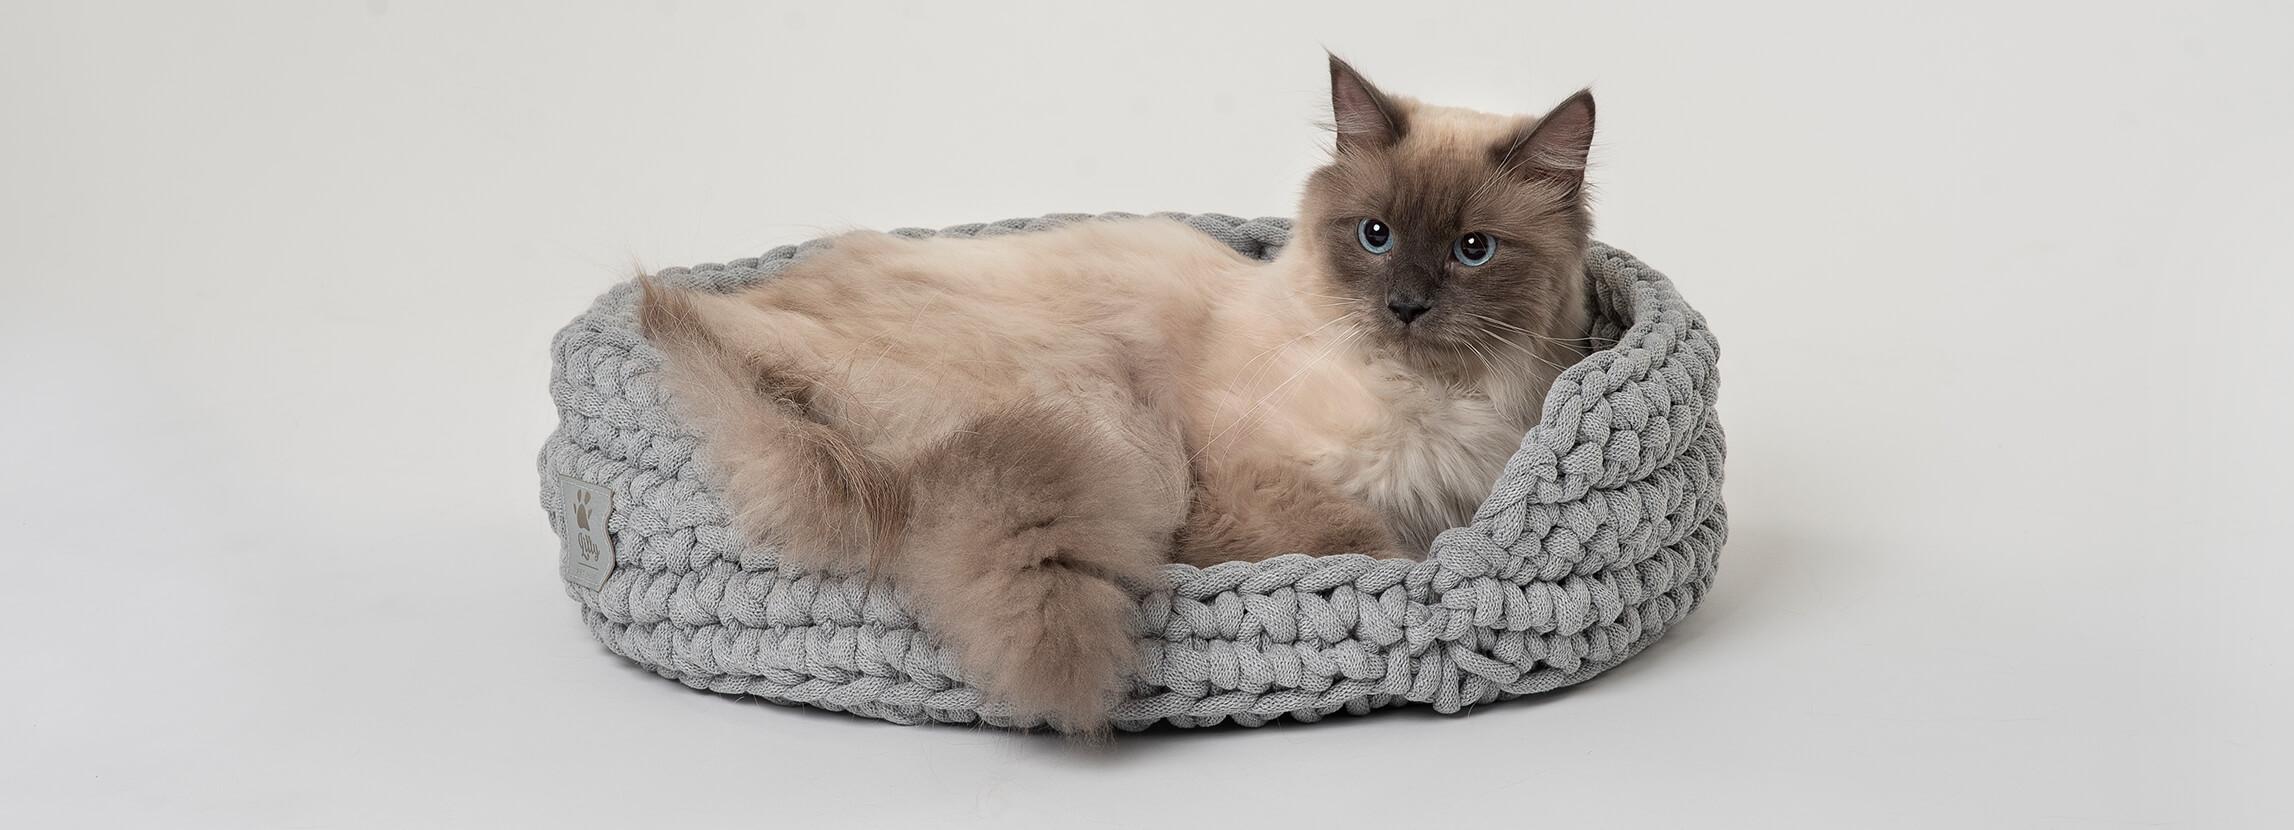 Niezbędnik kociego rodzica - czyli wyprawka dla kota